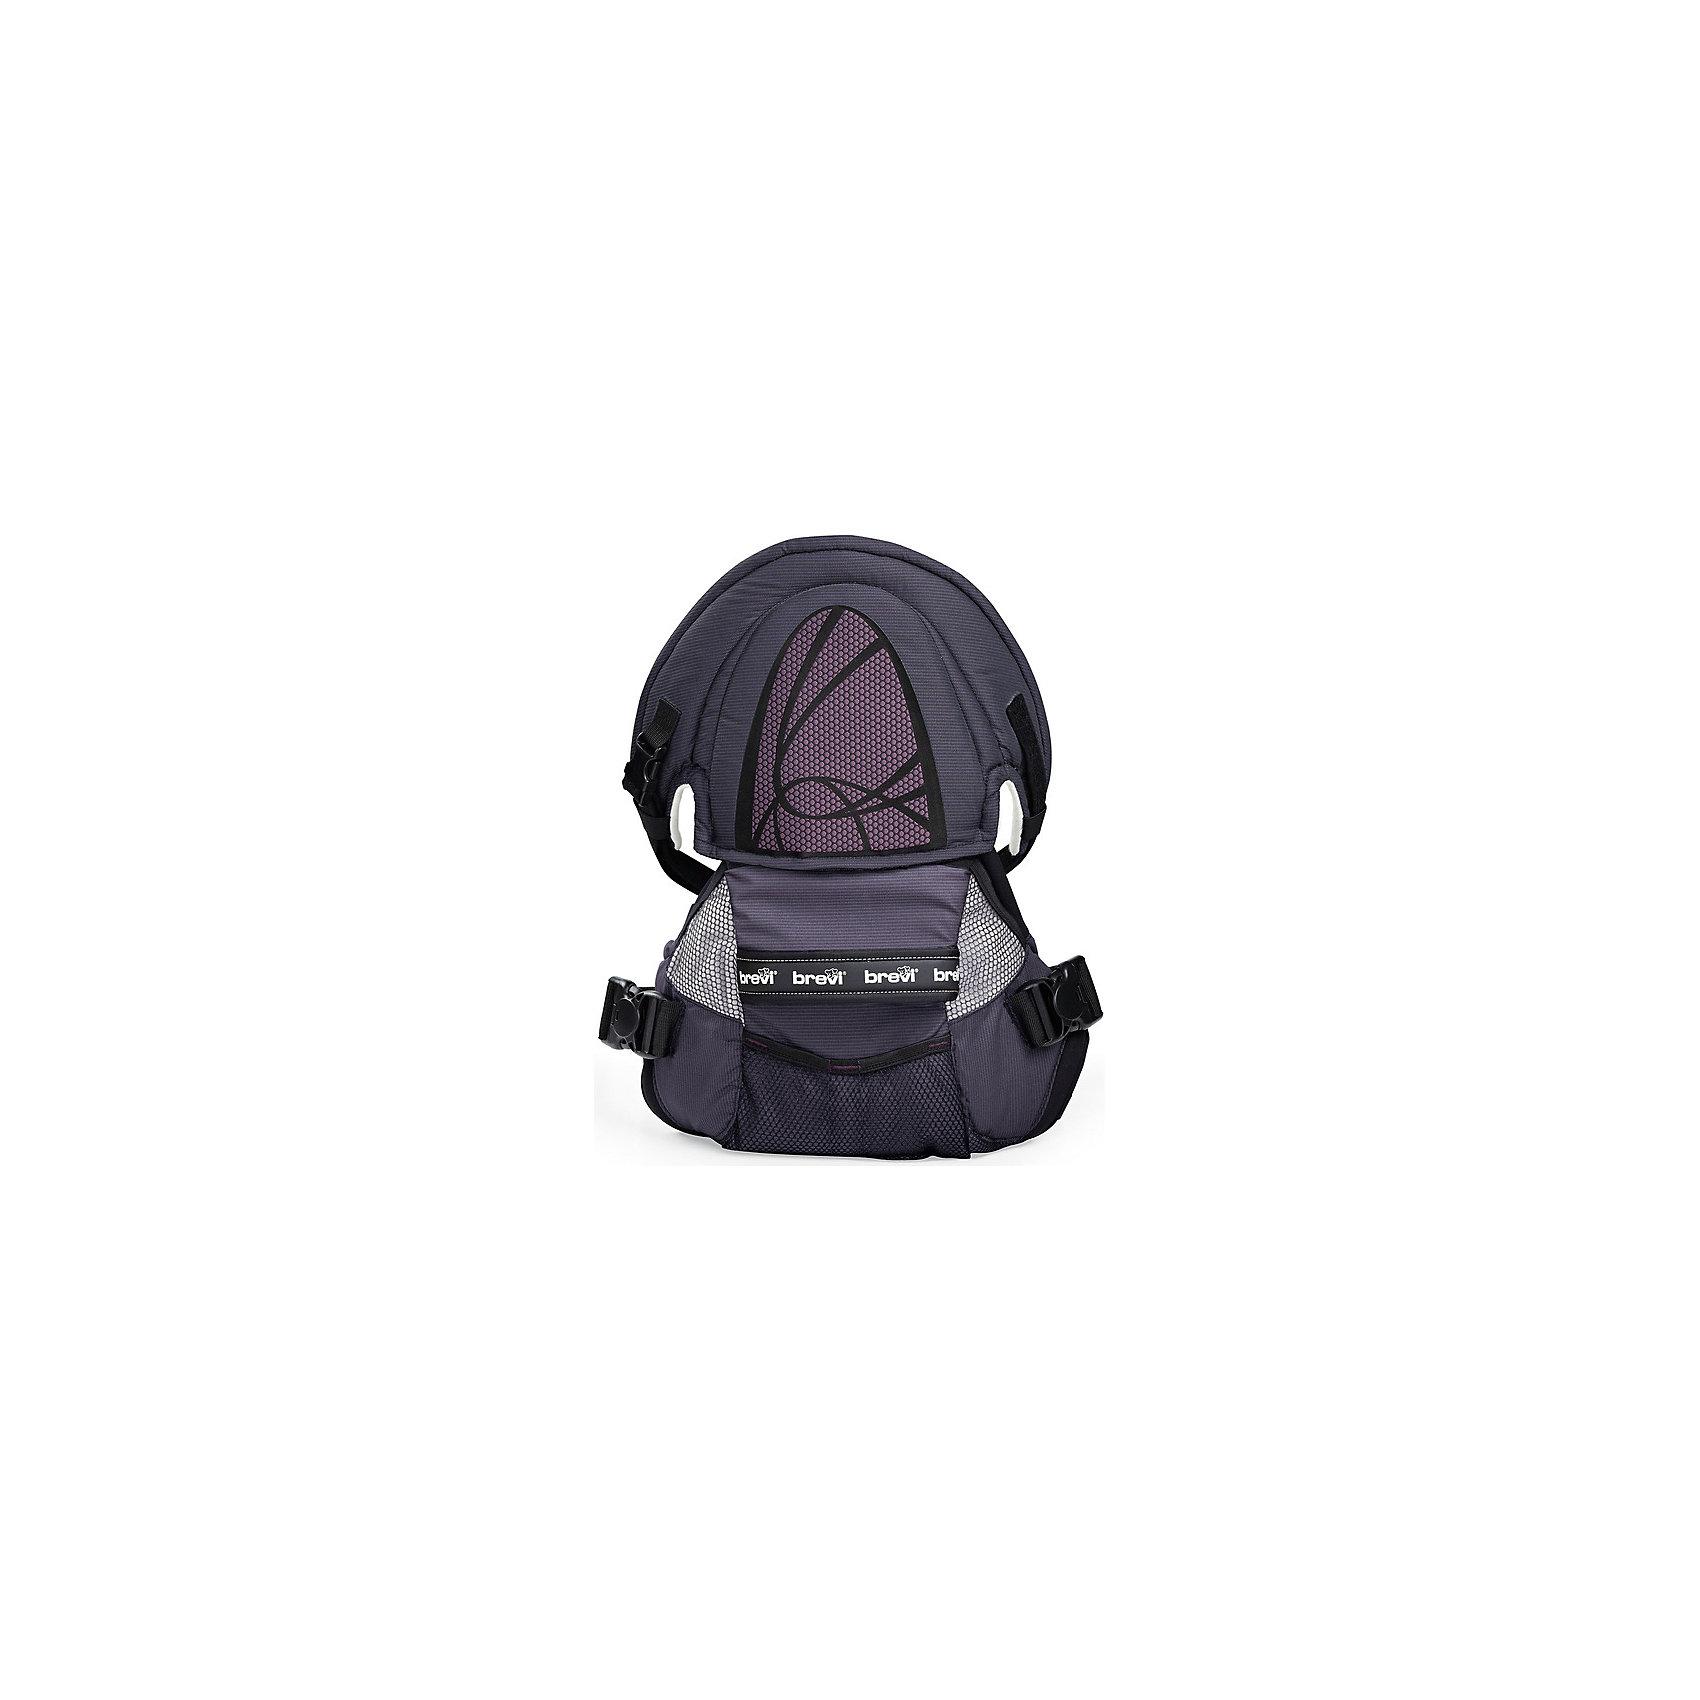 Рюкзачок для переноски детей Pod (015/043), Brevi, фиолетовыйСлинги и рюкзаки-переноски<br>Характеристики рюкзачка для переноски детей Brevi Pod: <br><br>- вес: 1,9 кг<br>- вес упаковки: 0,4 кг<br>- размер упаковки: 37*42*27 см<br>- объем упаковки: 0,043 м3<br>- минимальный вес ребенка: 3,5 кг.<br><br>Рюкзачок для переноски детей торговой марки Brevi Pod инновационный рюкзак-переноска, который можно использовать до 4-летнего возраста ребенка. Конструкция рюкзака такова, что она защищает от перегрузок Ваш позвоночник, снимает нагрузку с области спины и шеи, добавляя еще две новые точки опоры – под мышкой и на плечи. Изделие могут использовать даже бабушки и дедушки, не боясь нагрузки на спину. Ребенок при этом находится в анатомически правильном положении. Рюкзачок можно использовать с первых месяцев жизни Вашего малыша и достаточно долго время. Если уже подросший ребенок устал или вам необходимо быстро дойти до детской площадки или магазина, Brevi Pod всегда придет на помощь.<br><br>Рюкзачок для переноски детей торговой марки Brevi Pod можно купить в нашем интернет-магазине.<br><br>Ширина мм: 275<br>Глубина мм: 375<br>Высота мм: 420<br>Вес г: 2300<br>Возраст от месяцев: 0<br>Возраст до месяцев: 36<br>Пол: Унисекс<br>Возраст: Детский<br>SKU: 5144752